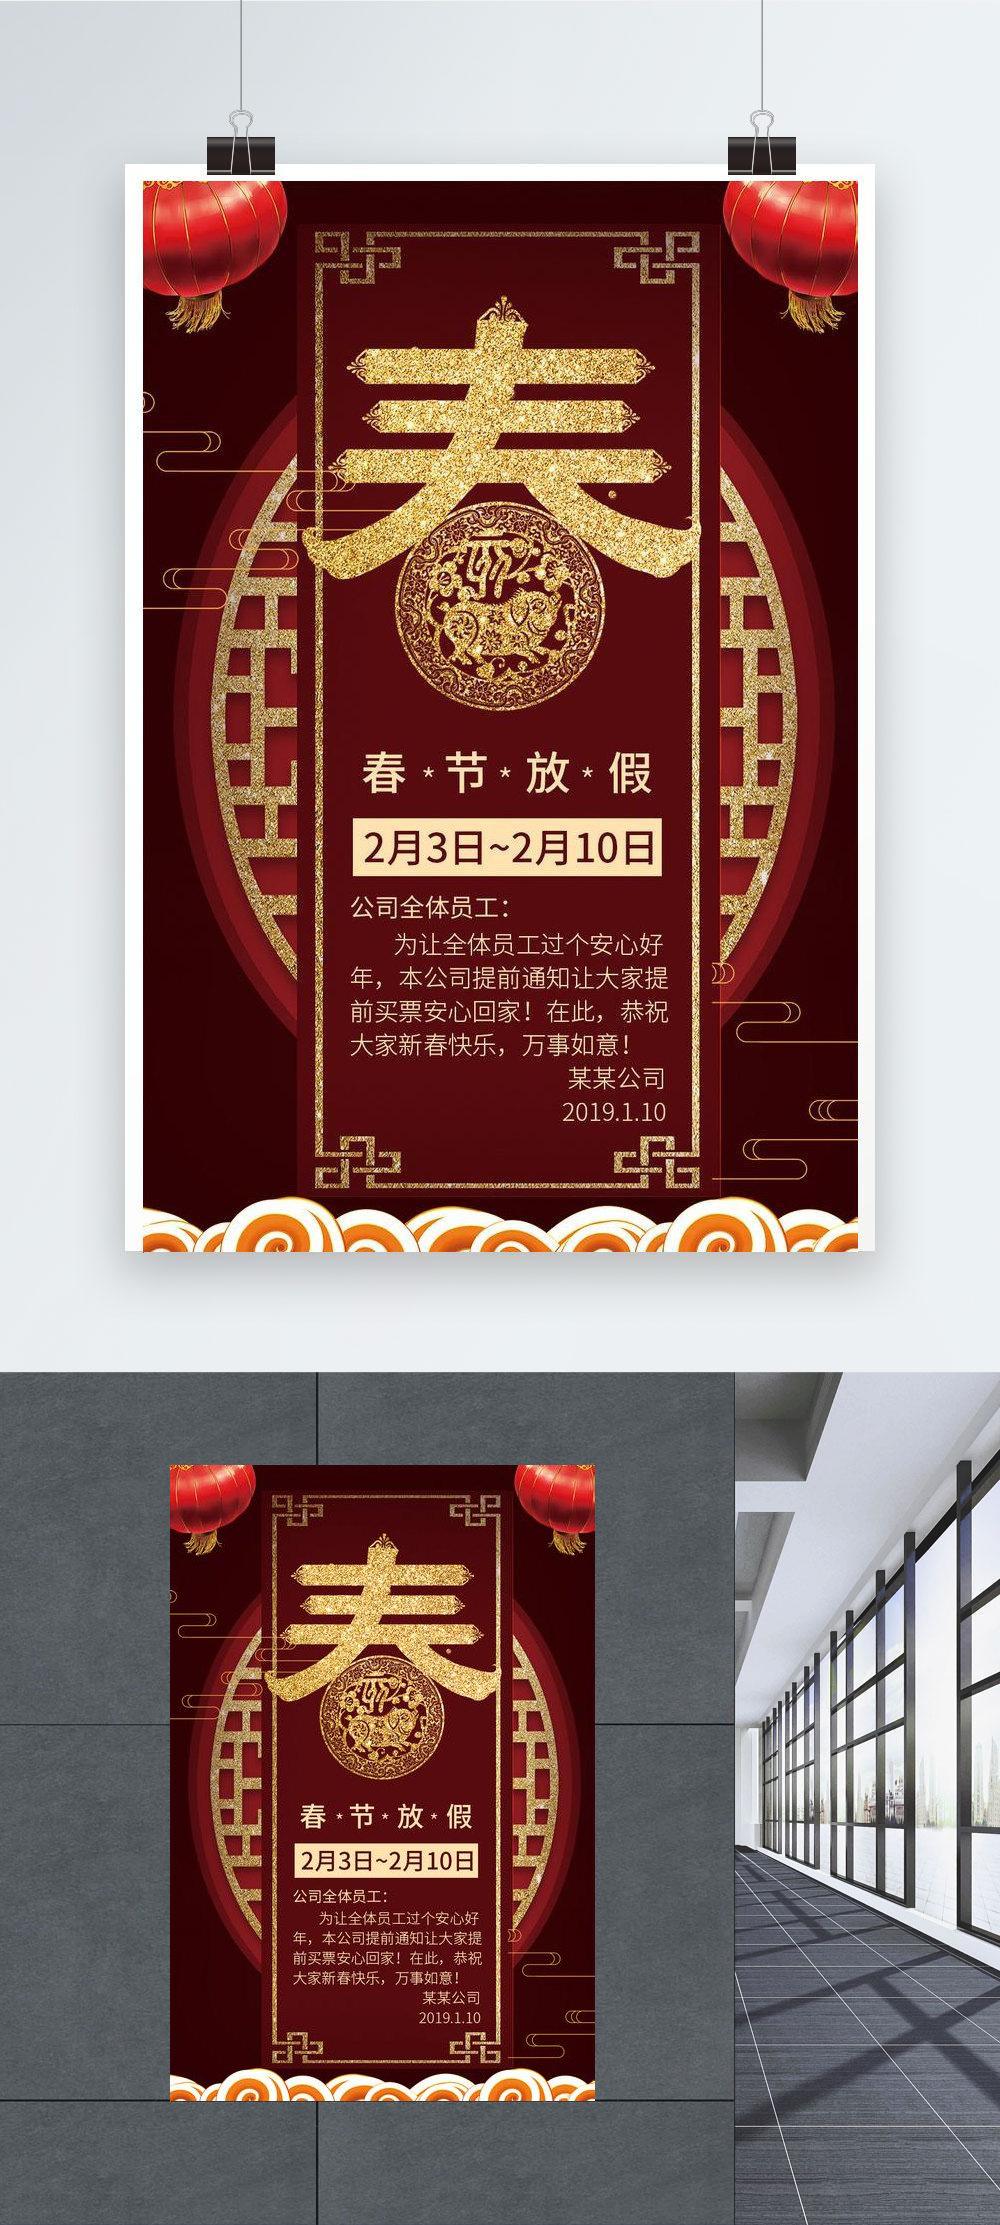 2019春节放假通知海报设计图片素材编号400933884_prf